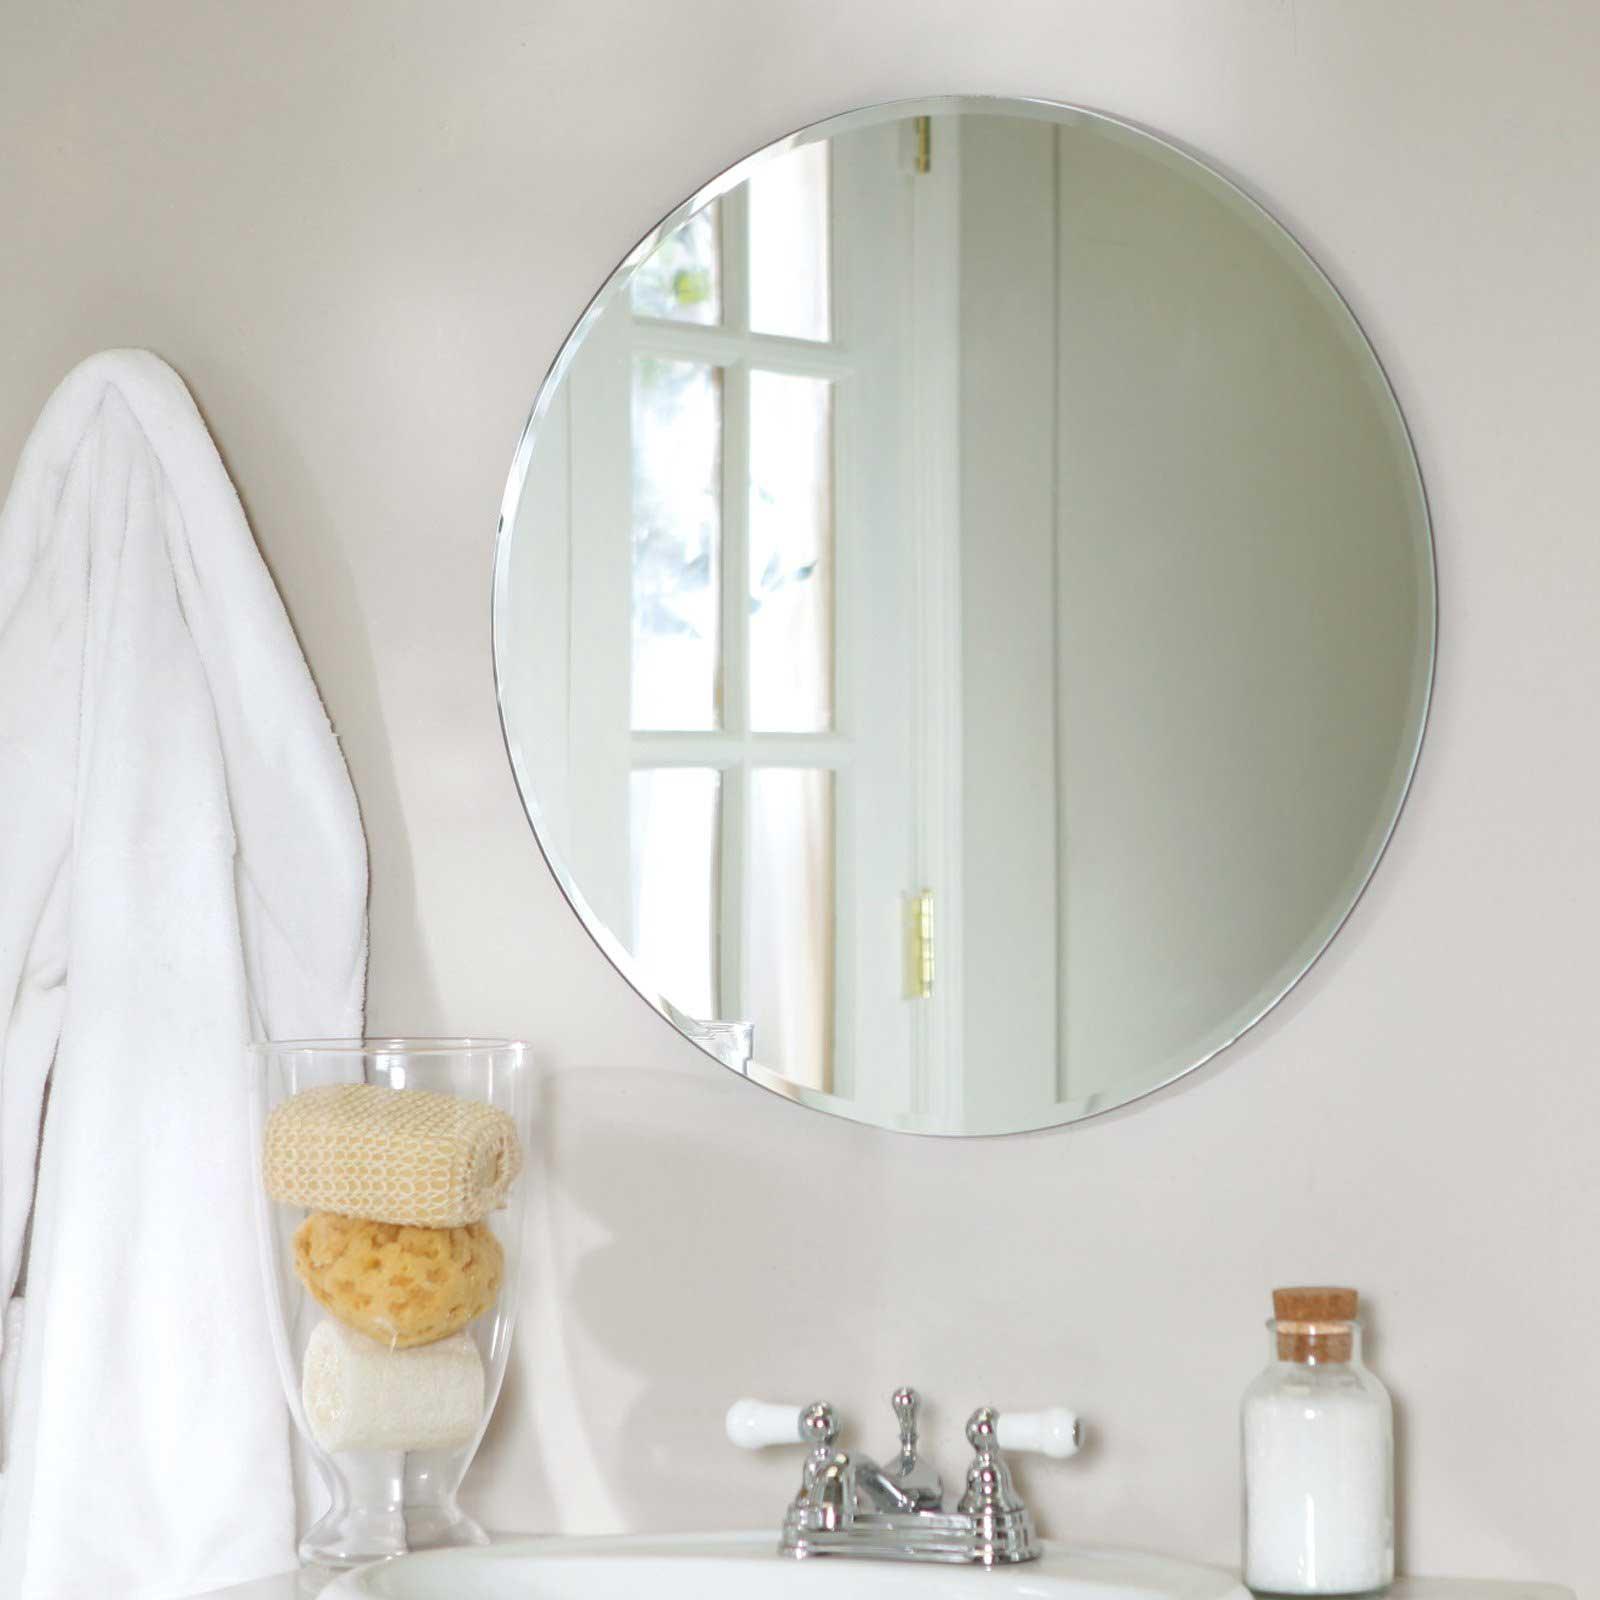 Salle de bain: Comment choisir les bons miroirs - Ameublements.ca